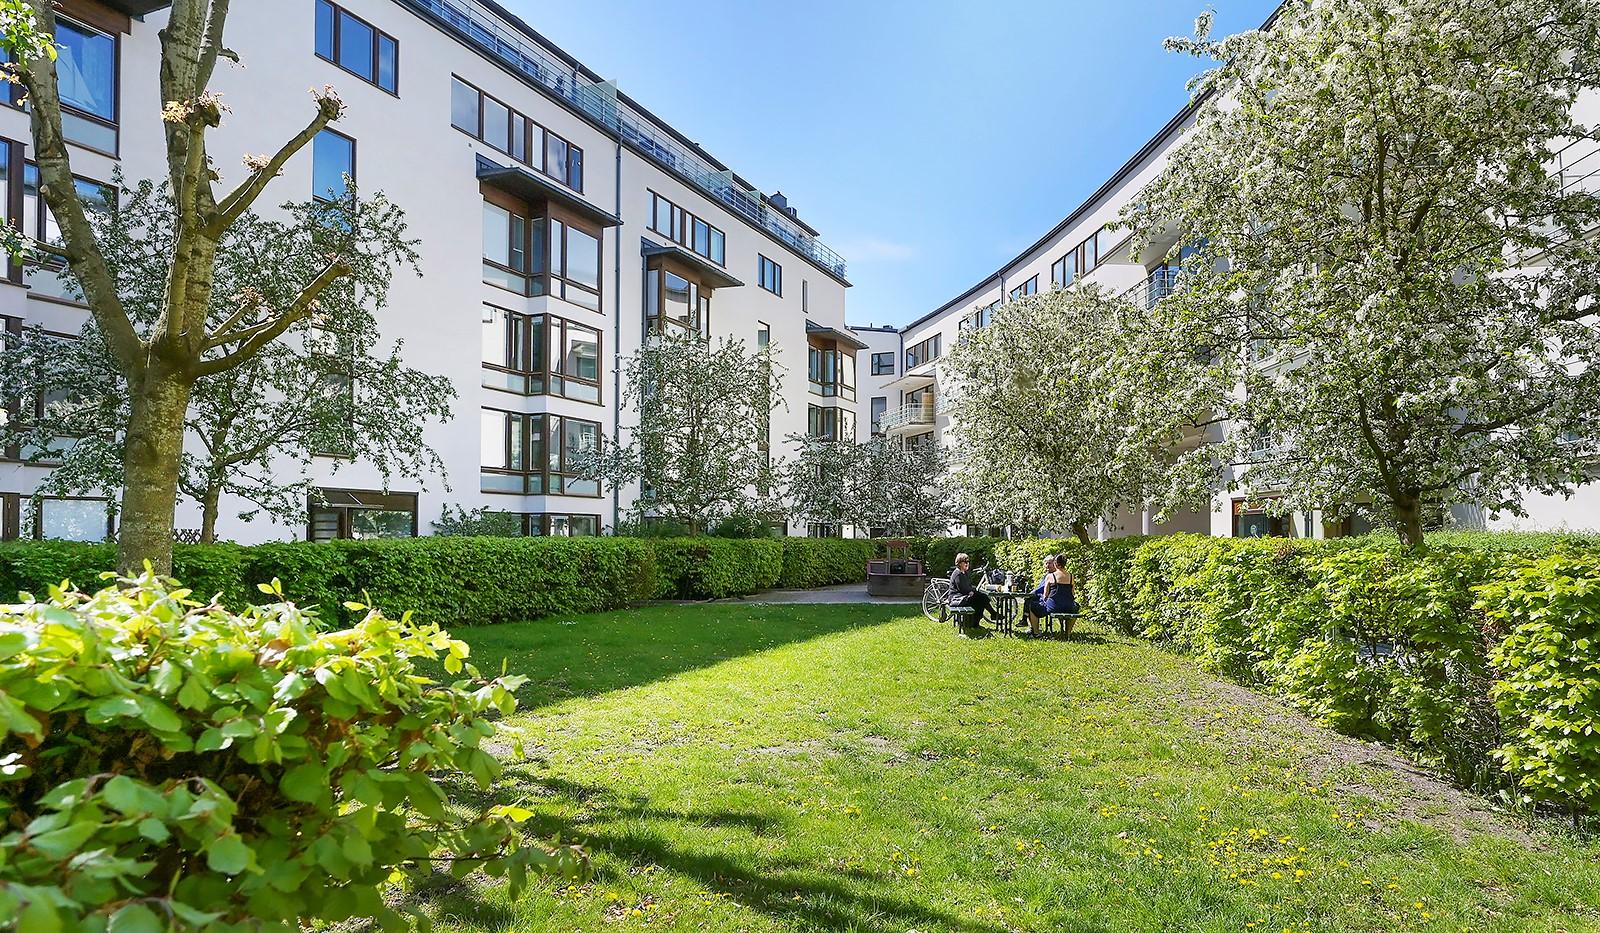 Sickla kanalgata 13B - Föreningens innergård